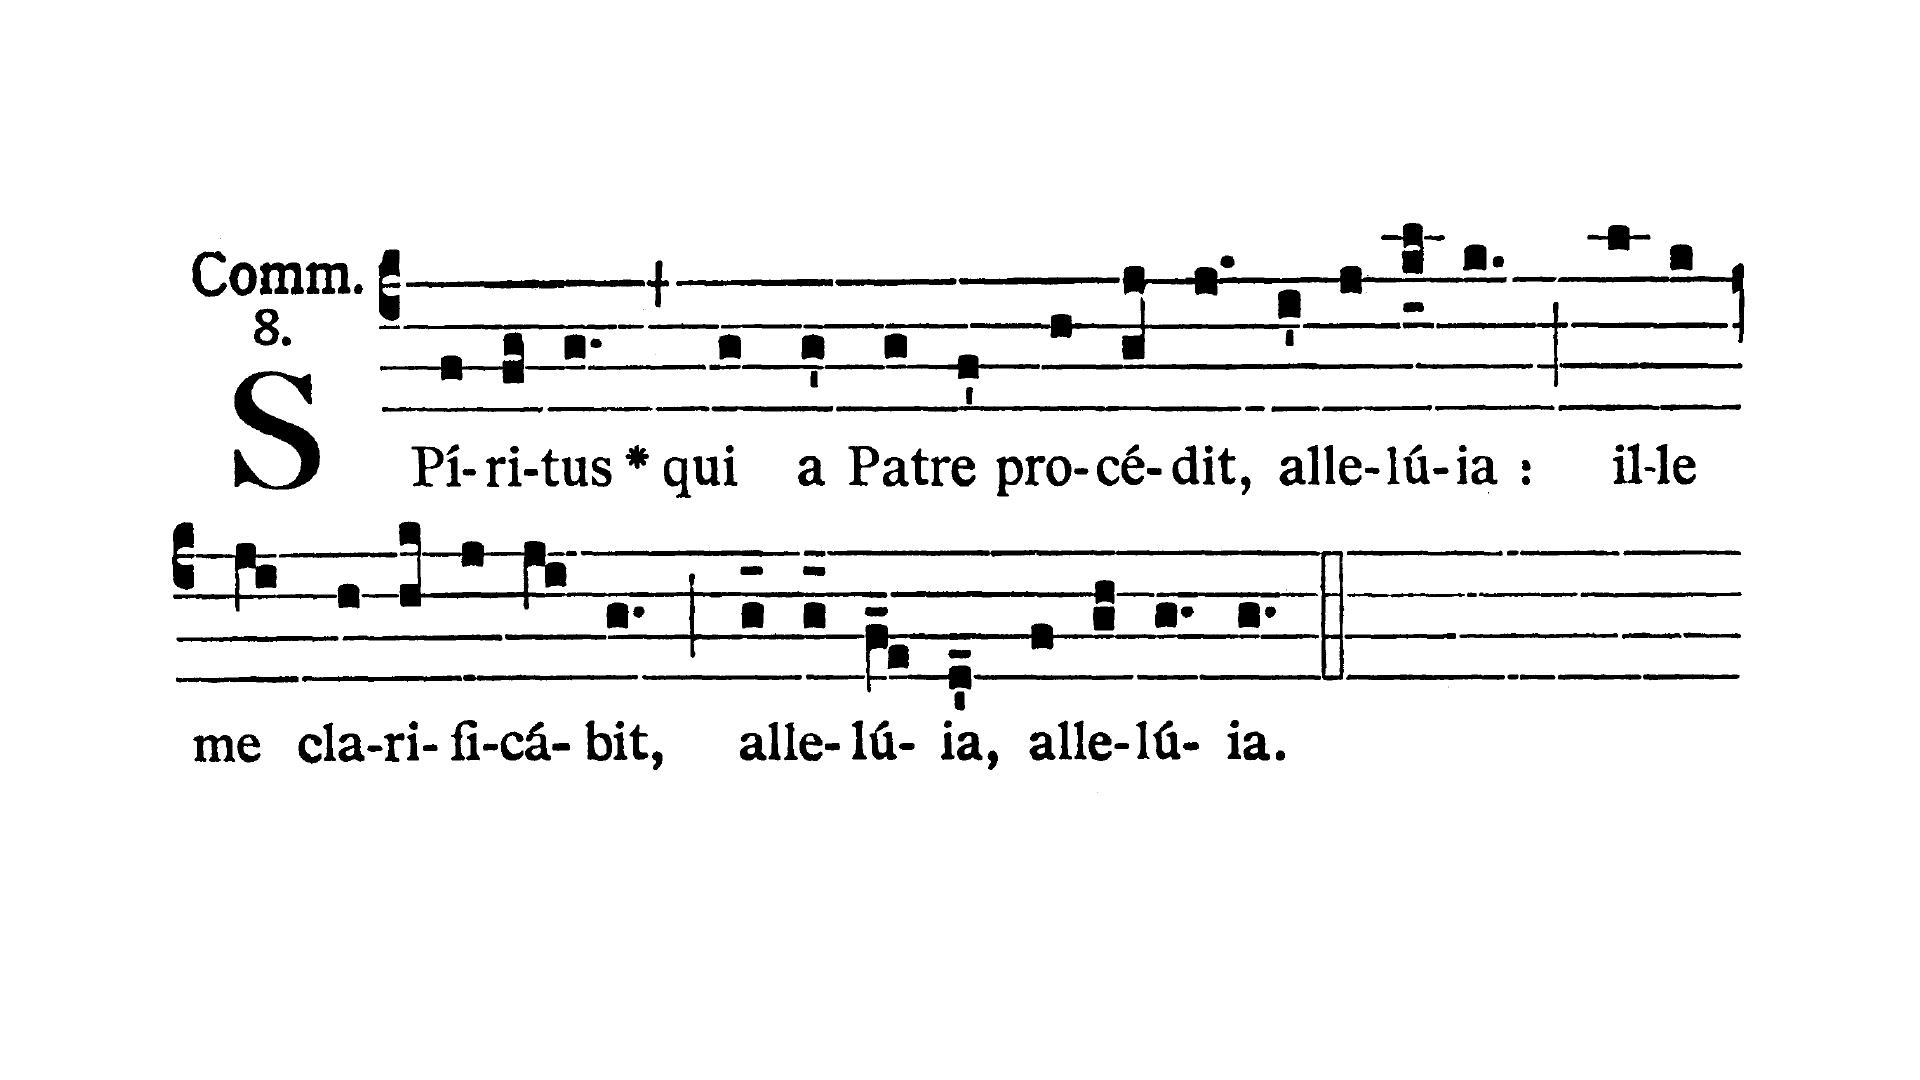 Feria tertia infra Octavam Pentecostes (Wtorek w oktawie Zesłania Ducha Świętego) - Communio (Spiritus qui a Patre procedit)